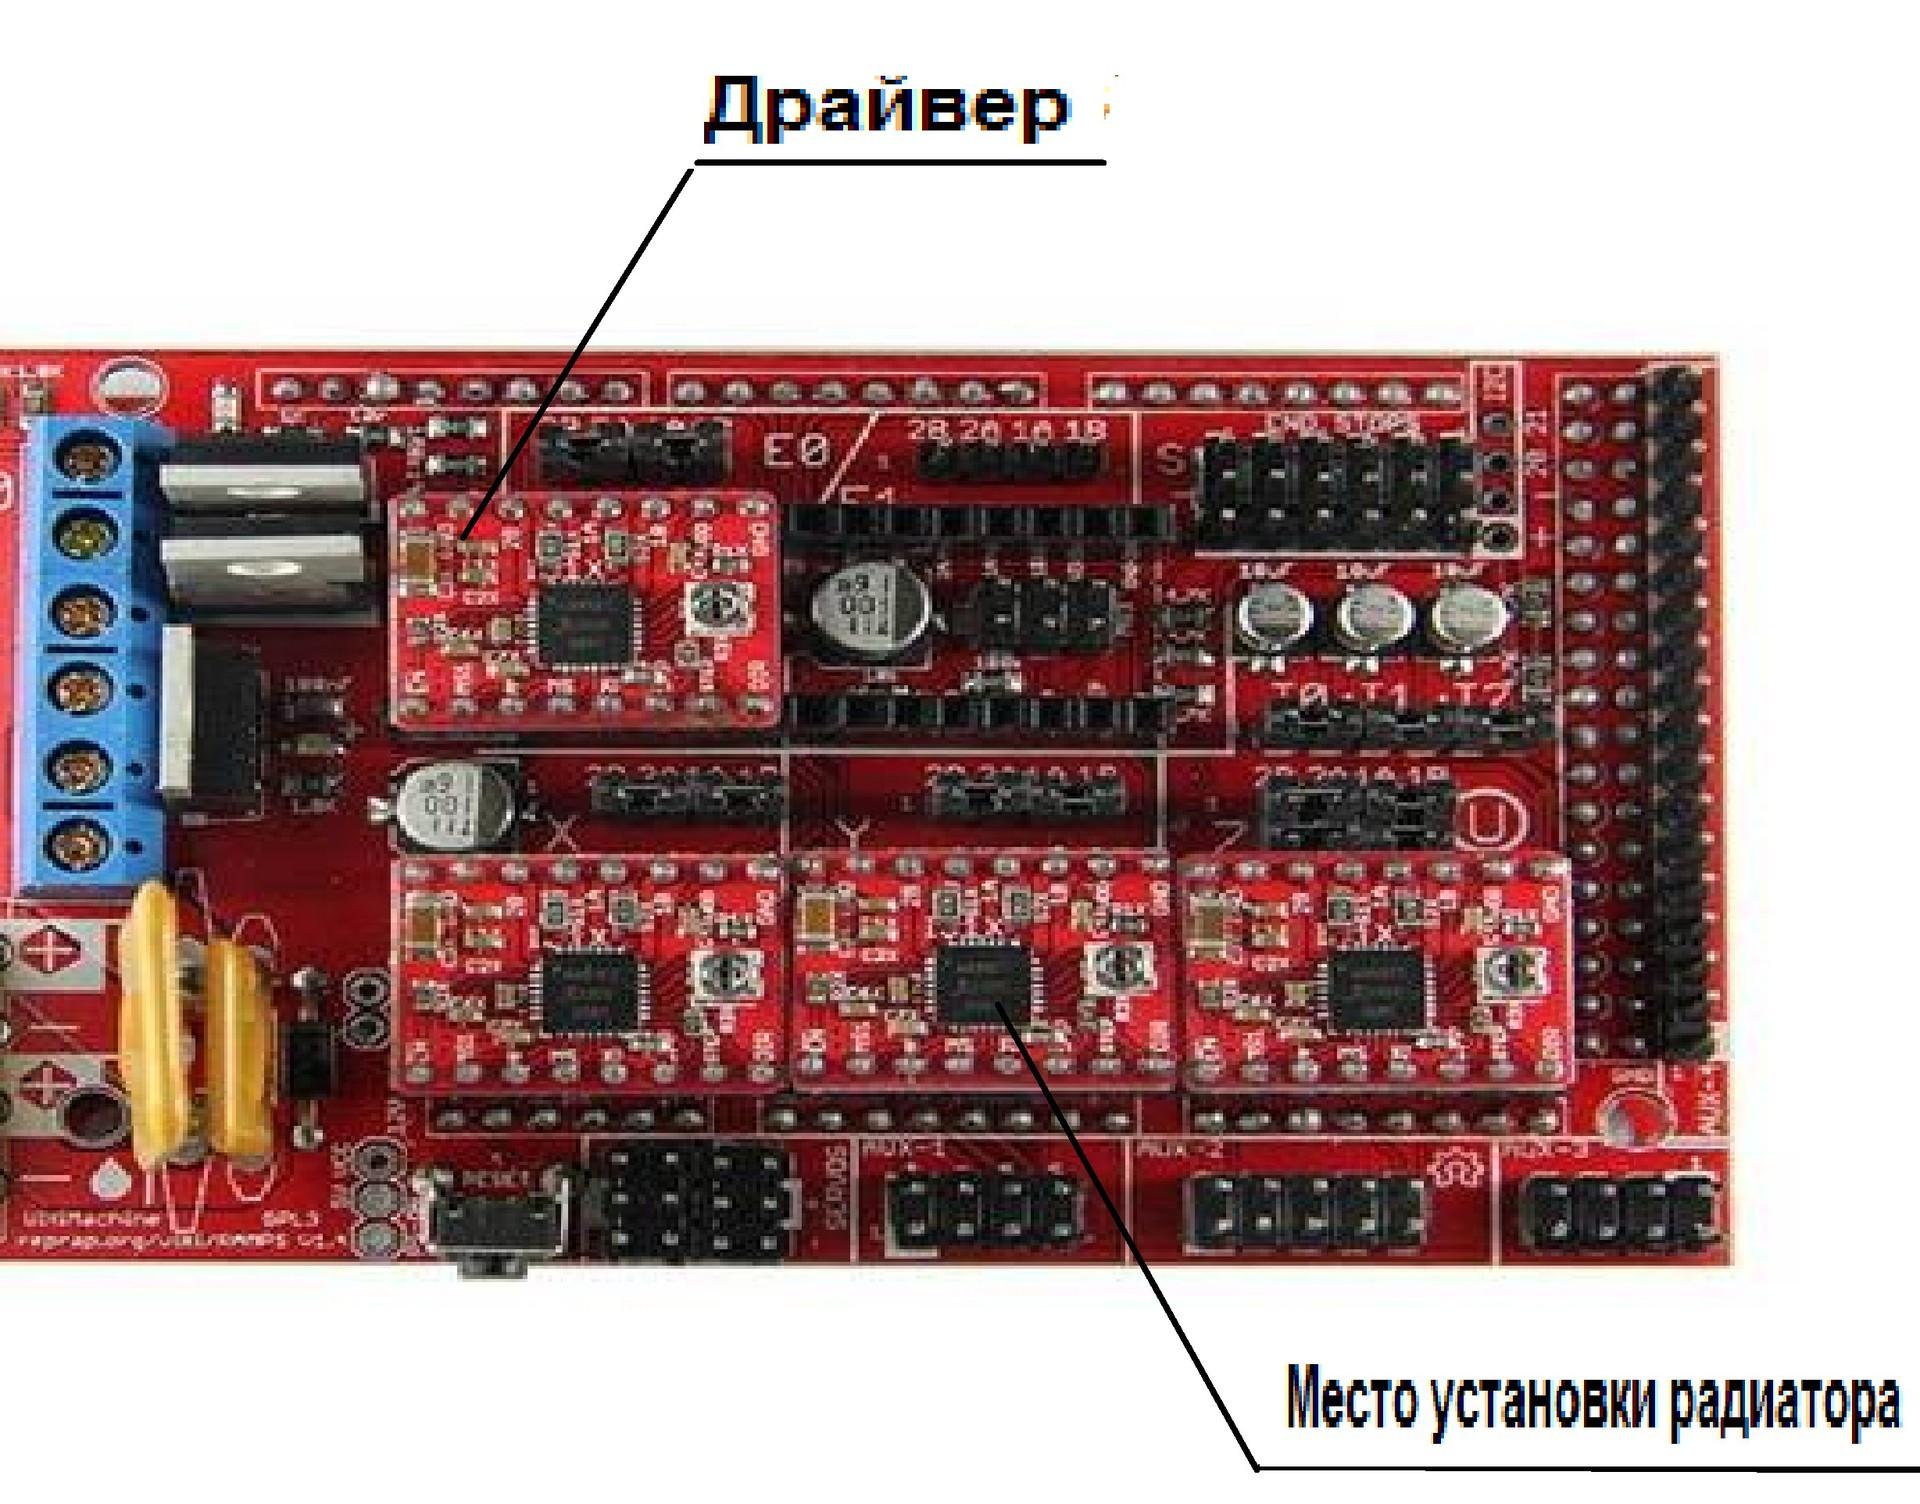 Инструкция по сборке 3D принтера Prism Uni(часть 2-электрика) - 19